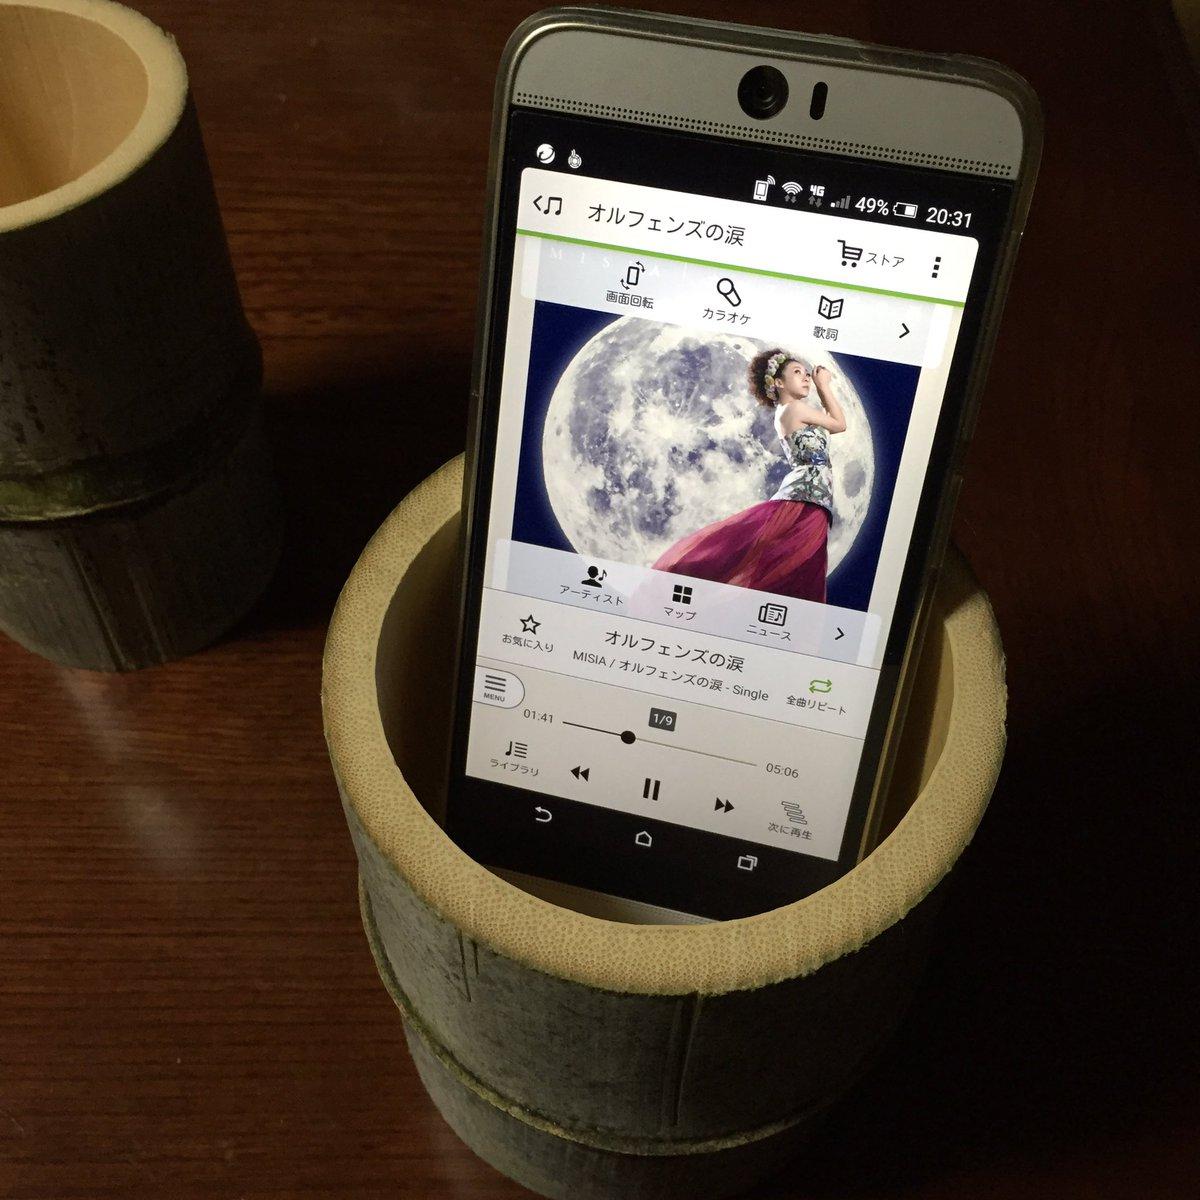 竹でスマホスタンドを作りました。音楽を再生させると音が共鳴していい感じ♪ 自分用と妻用。マイ竹藪がある方はぜひお試しください。 https://t.co/4rvg3Pib2J